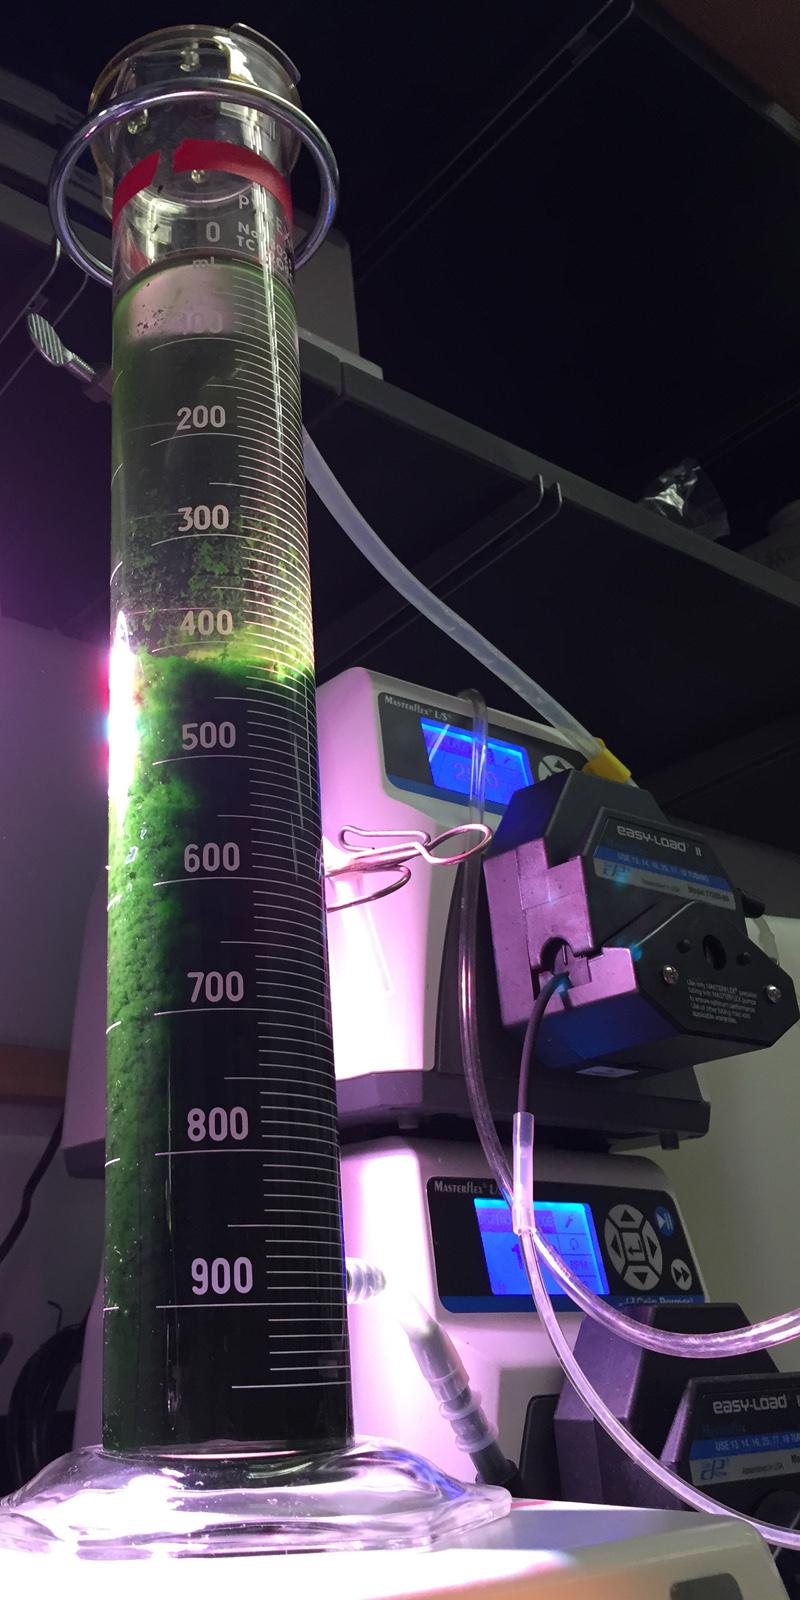 Drexel algae bioreactor